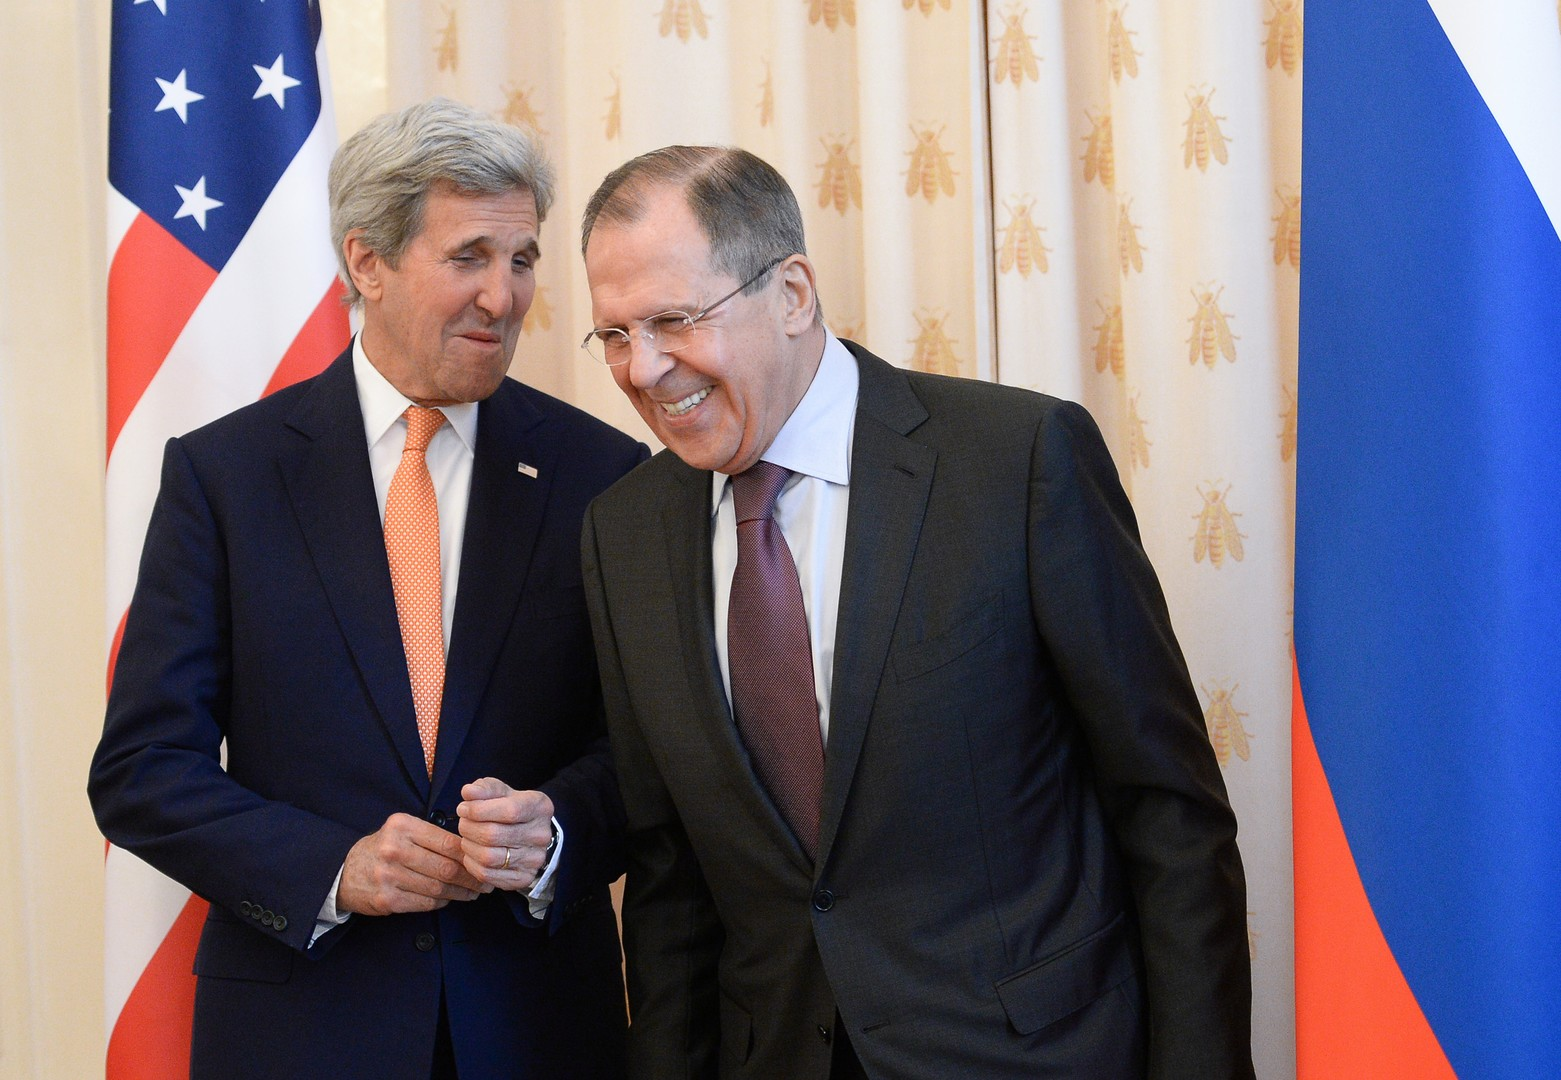 Obwohl es zwischen den USA und Russland kriselt, gibt es zwischen den beiden Diplomaten freundliche Momente. Aufgenommen am 24. März 2016.